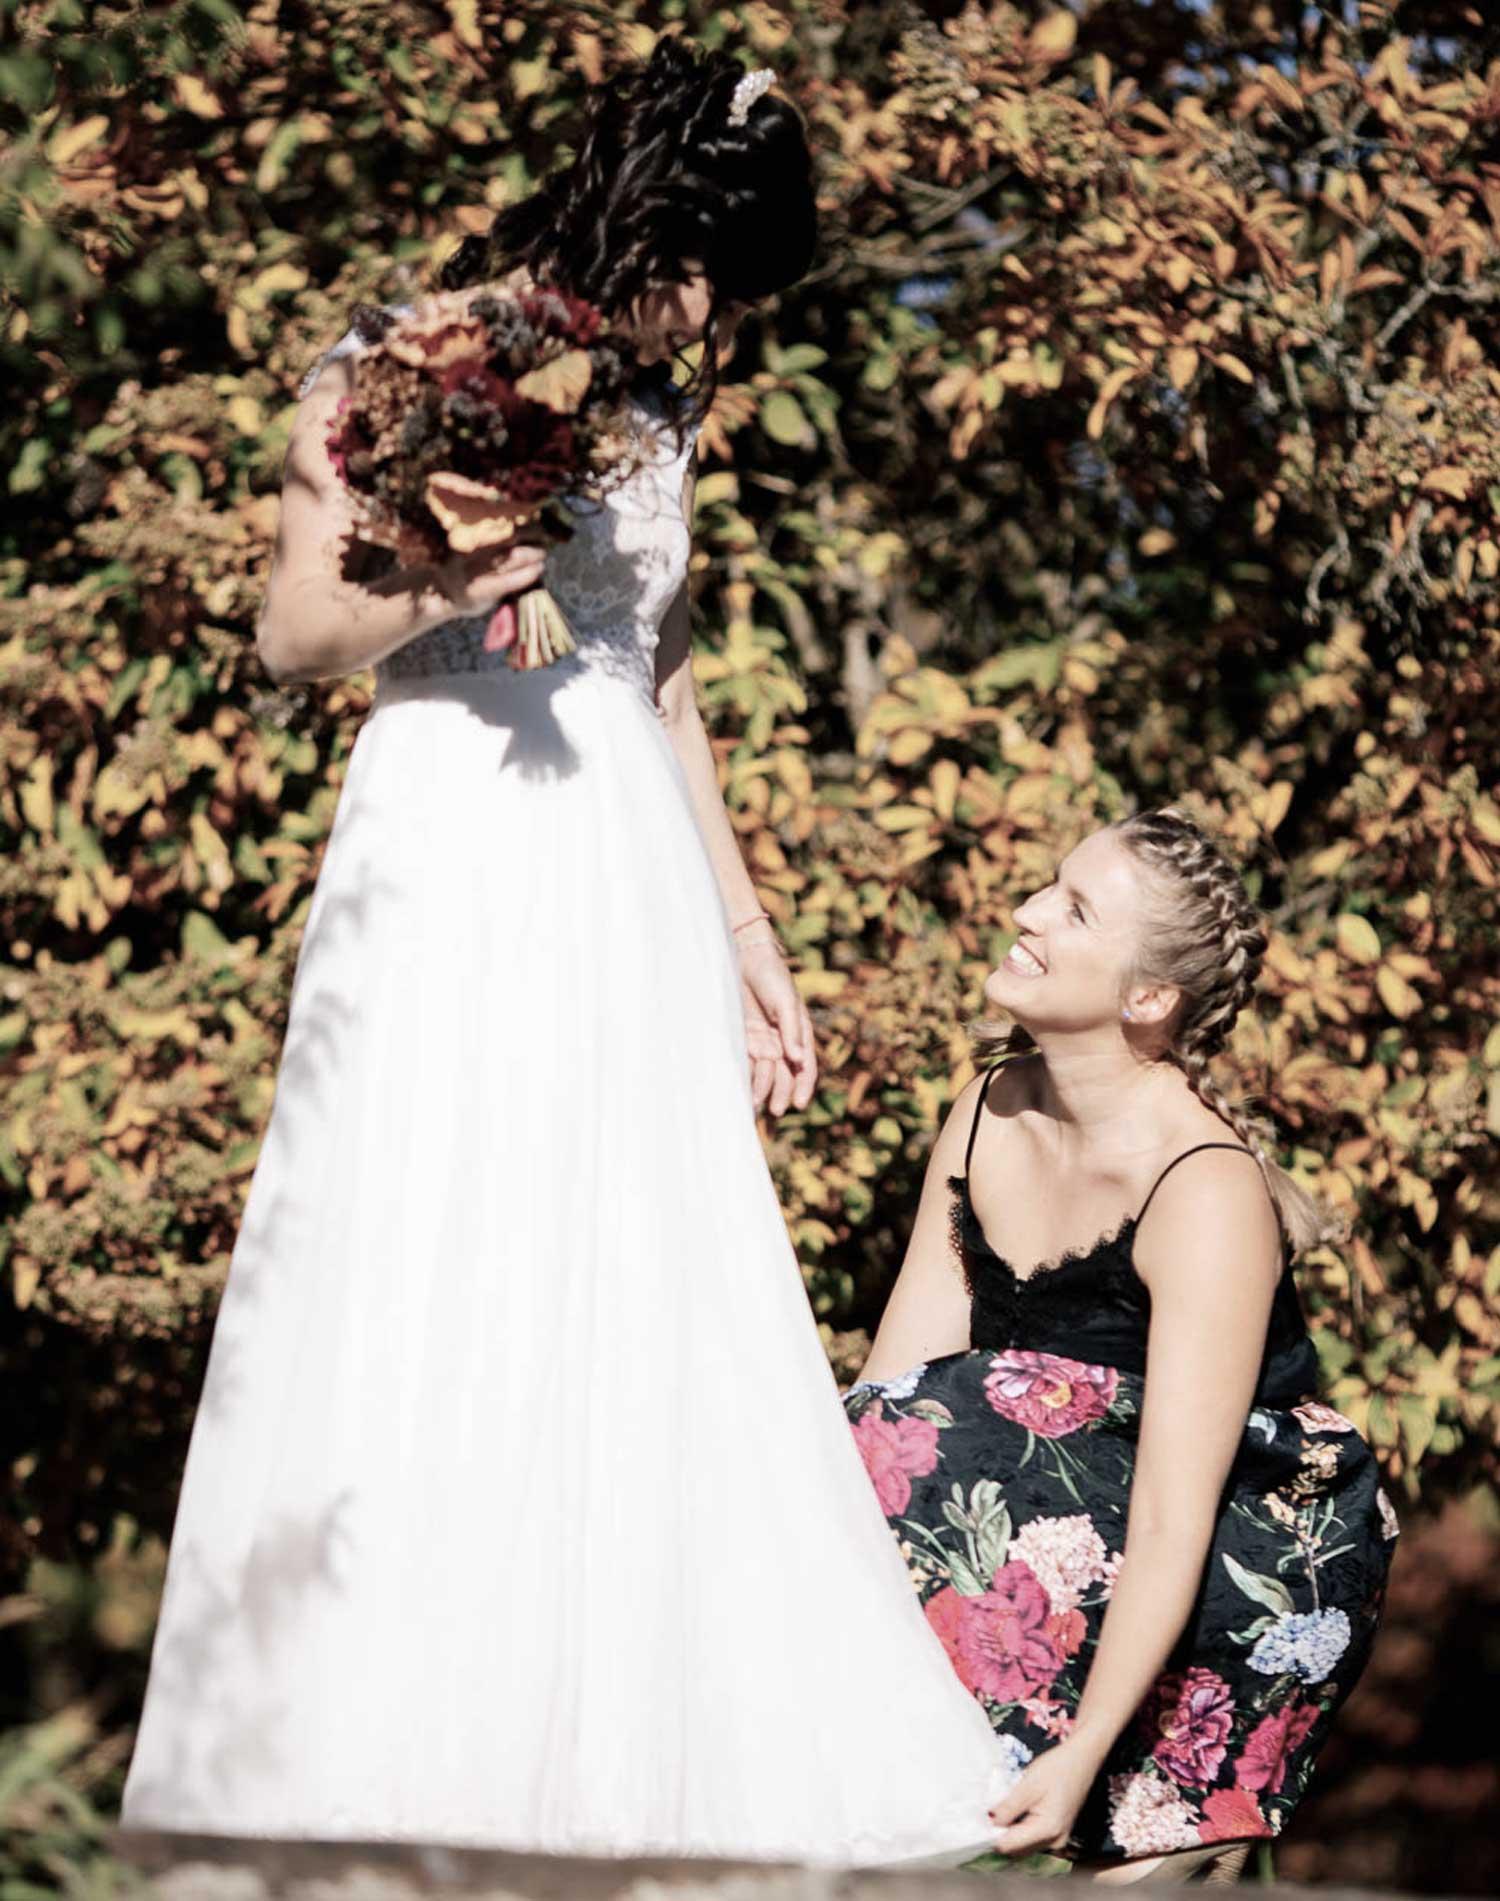 hochzeitsbetreuung-organisation-abläufe-hochzeit-entspannt-heiraten-schoener-hochzeitstag-party-feiern-feier-tanzen